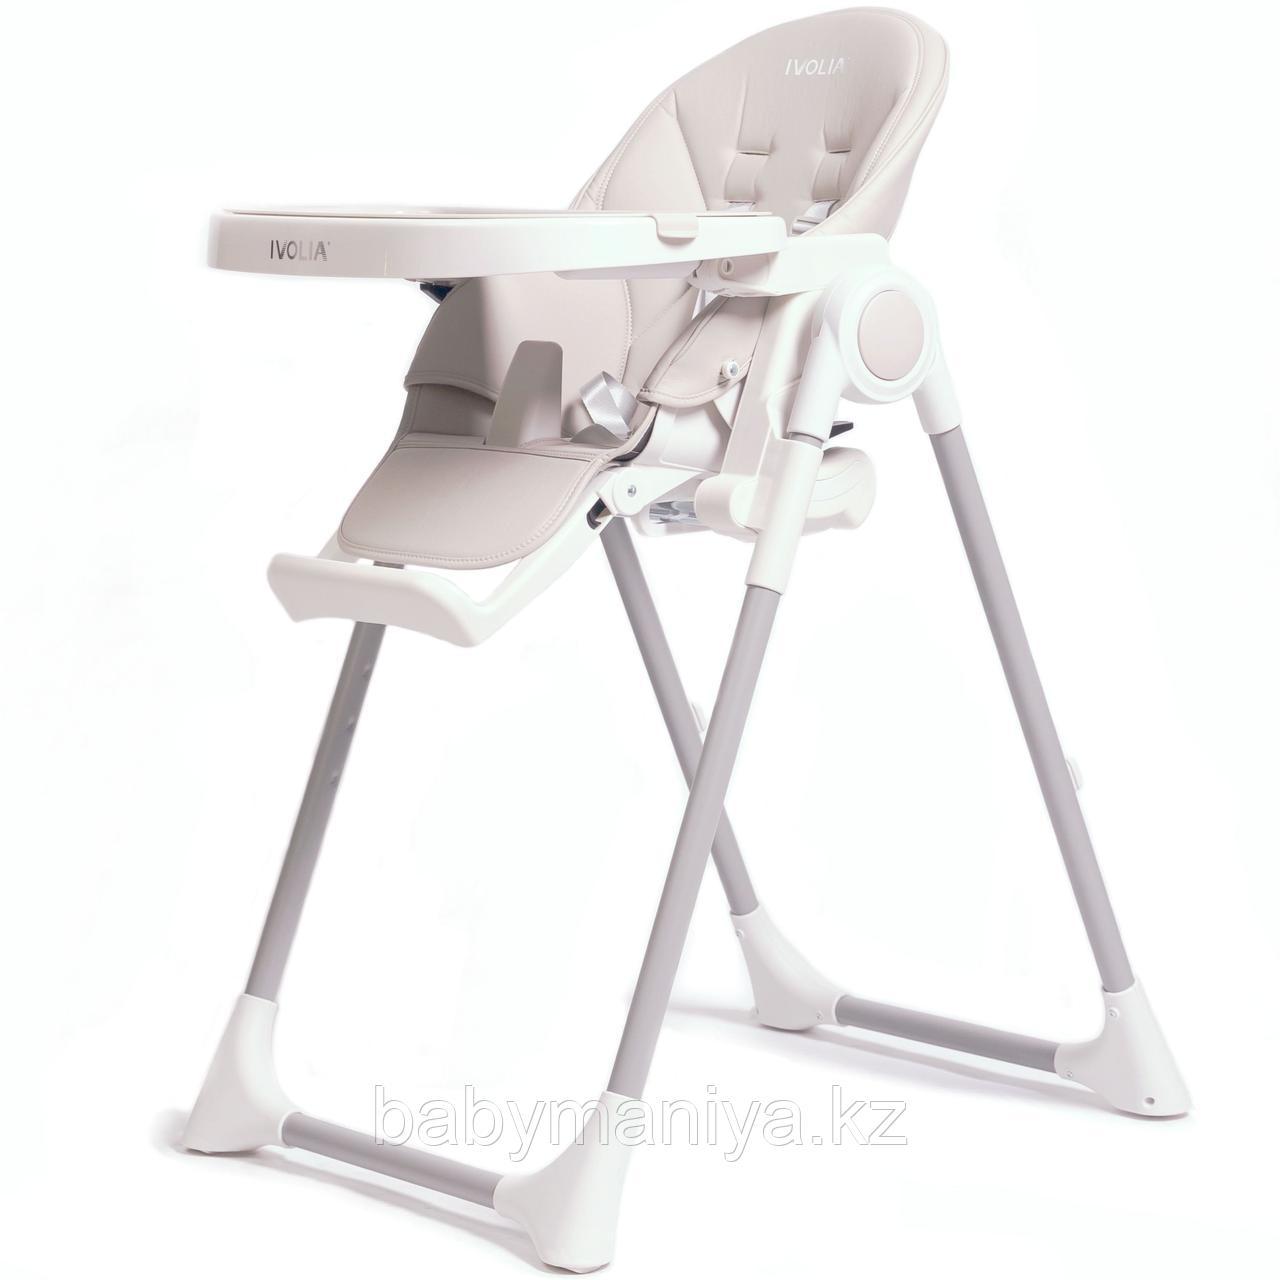 Стульчик для кормления  IVOLIA Q6 Light Grey с колесами